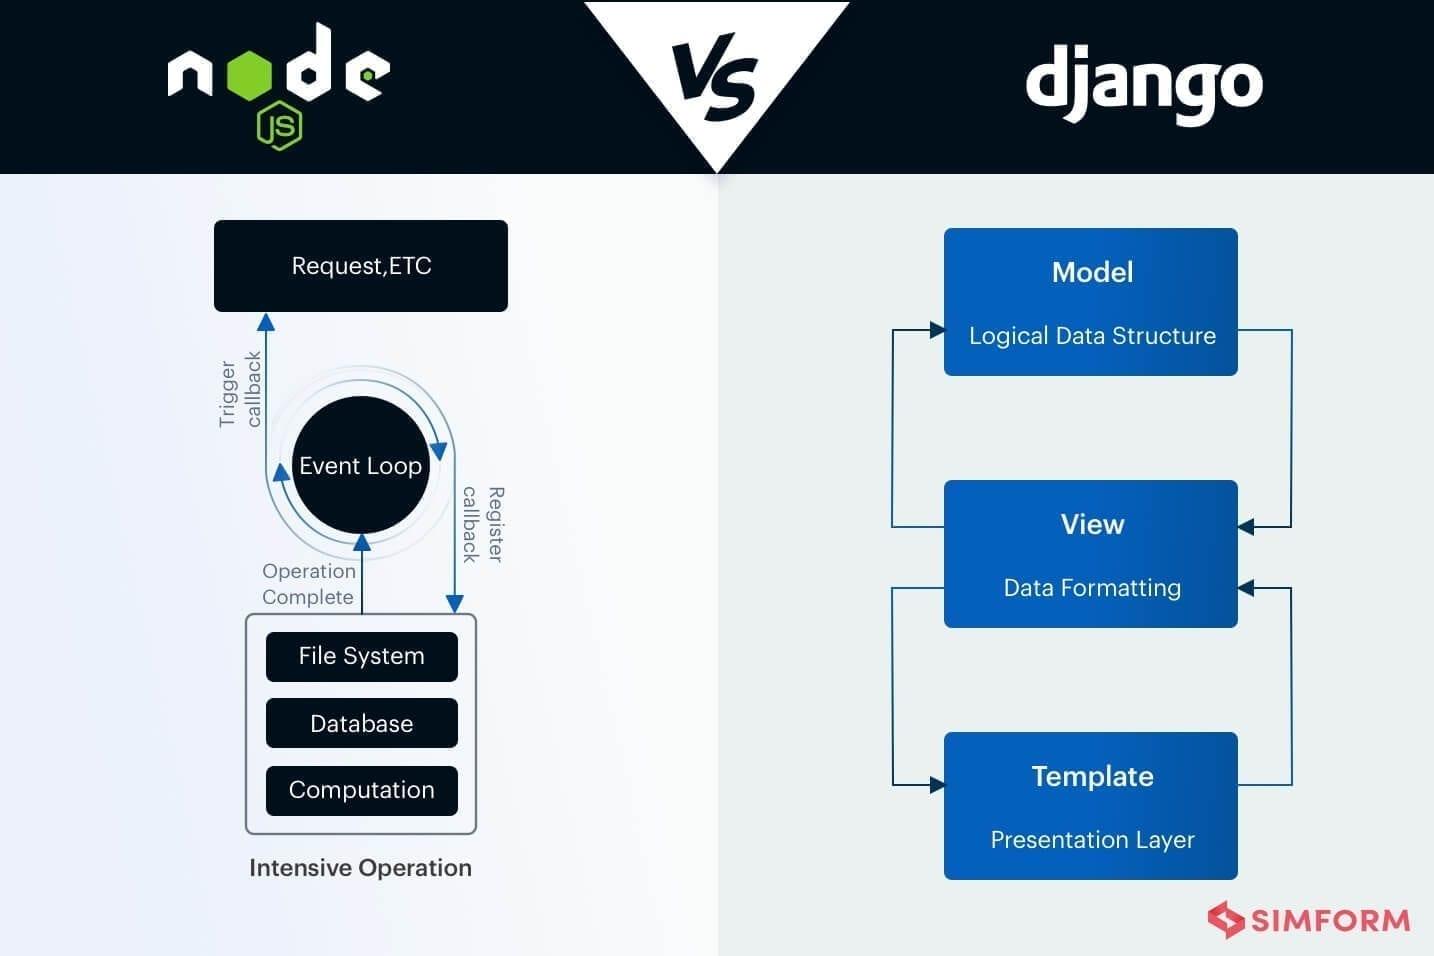 Node.js vs Django Architecture